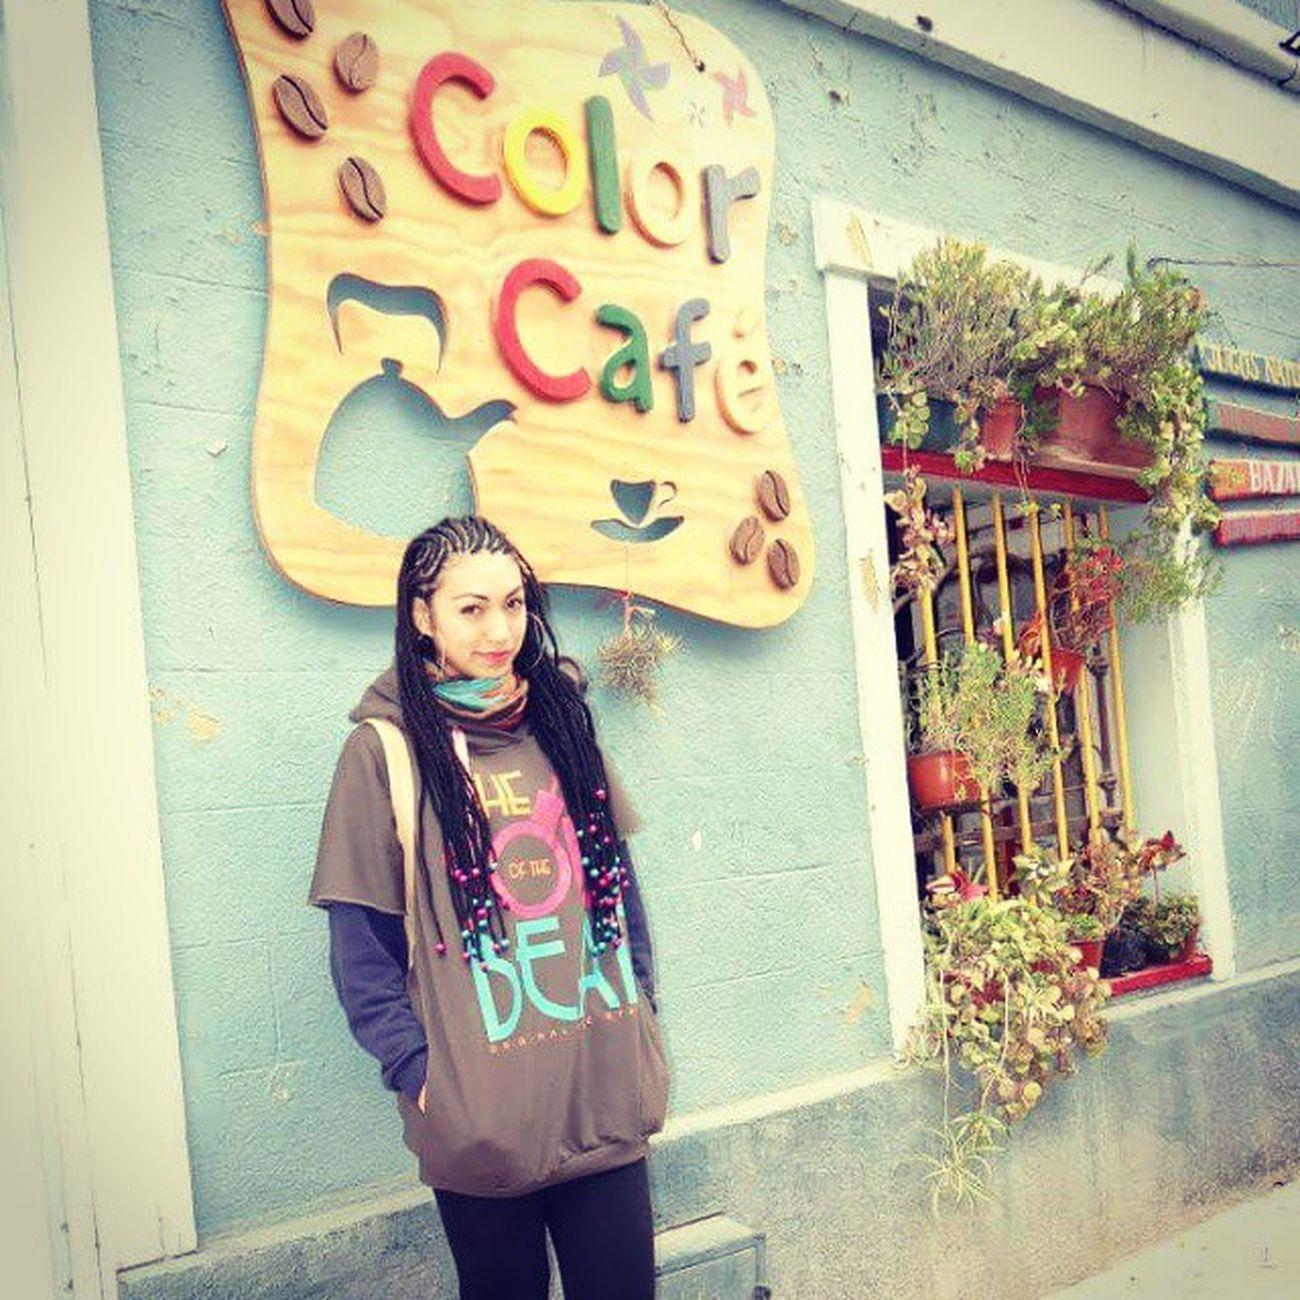 Colorcafe